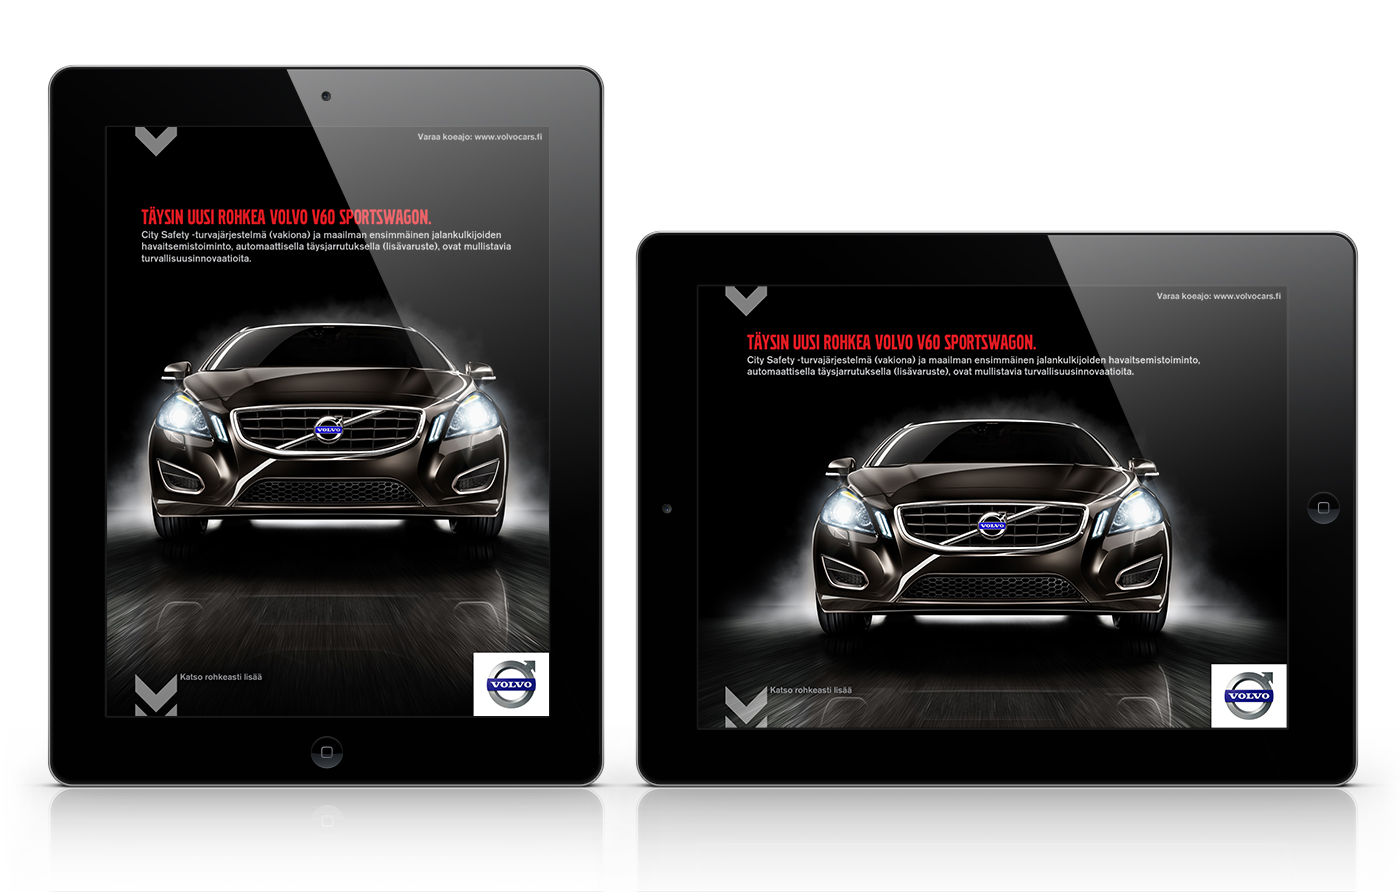 Volvo V60 tab ad